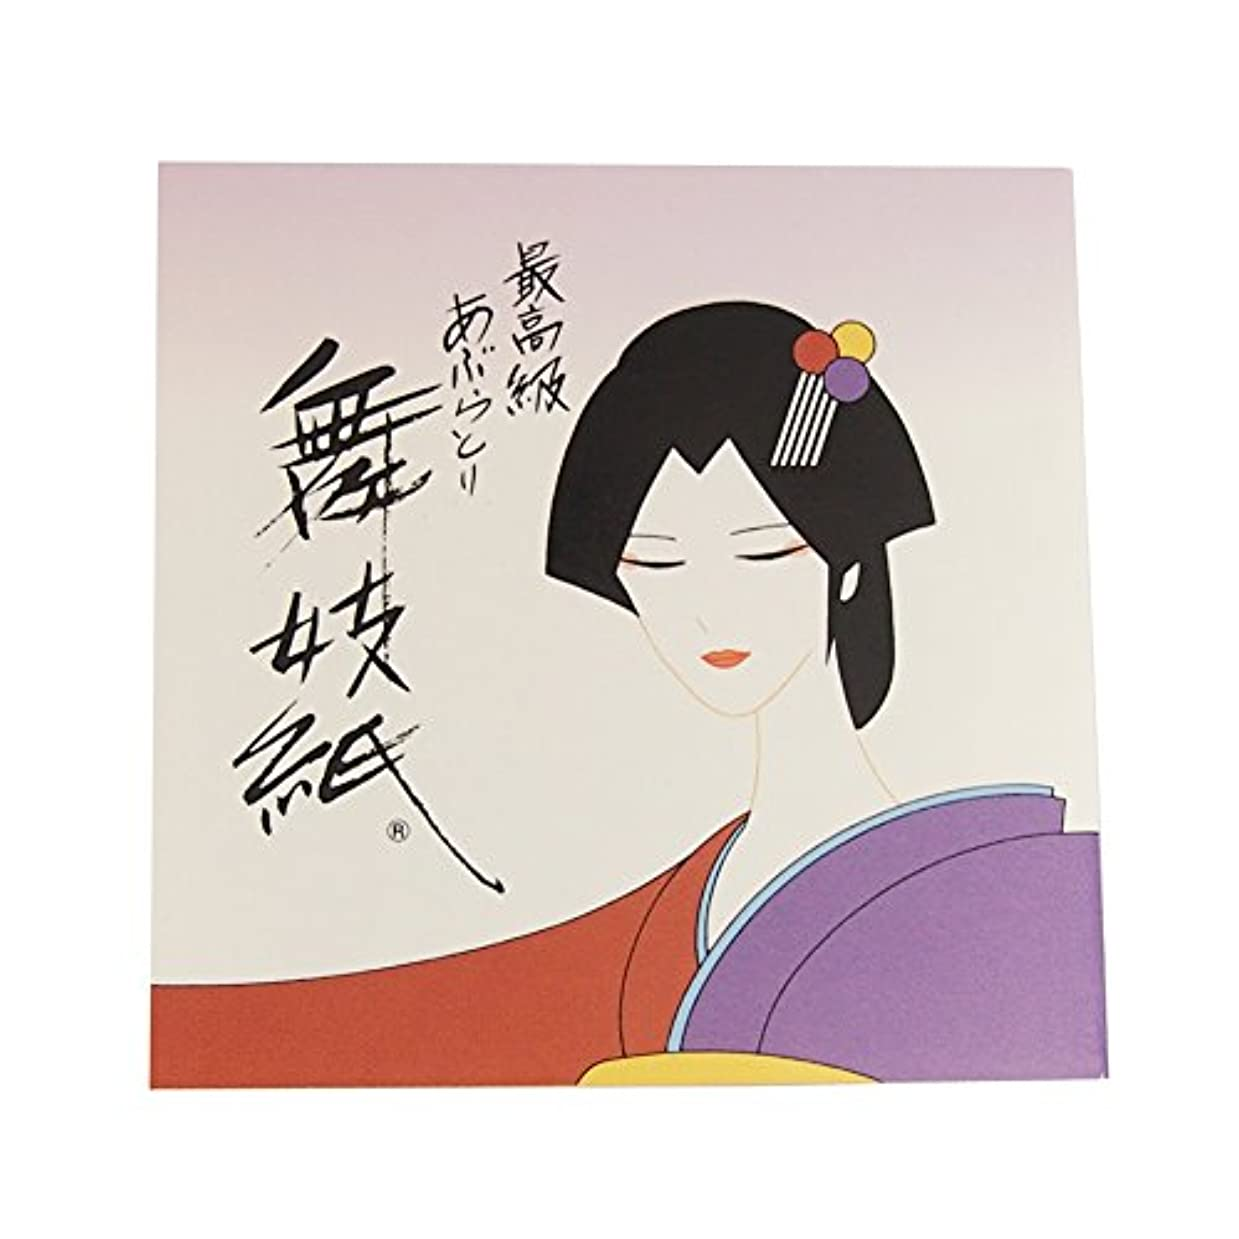 奇跡つば応用米長 あぶらとり紙 最高級 舞妓紙 和風 50枚入り 5個セット